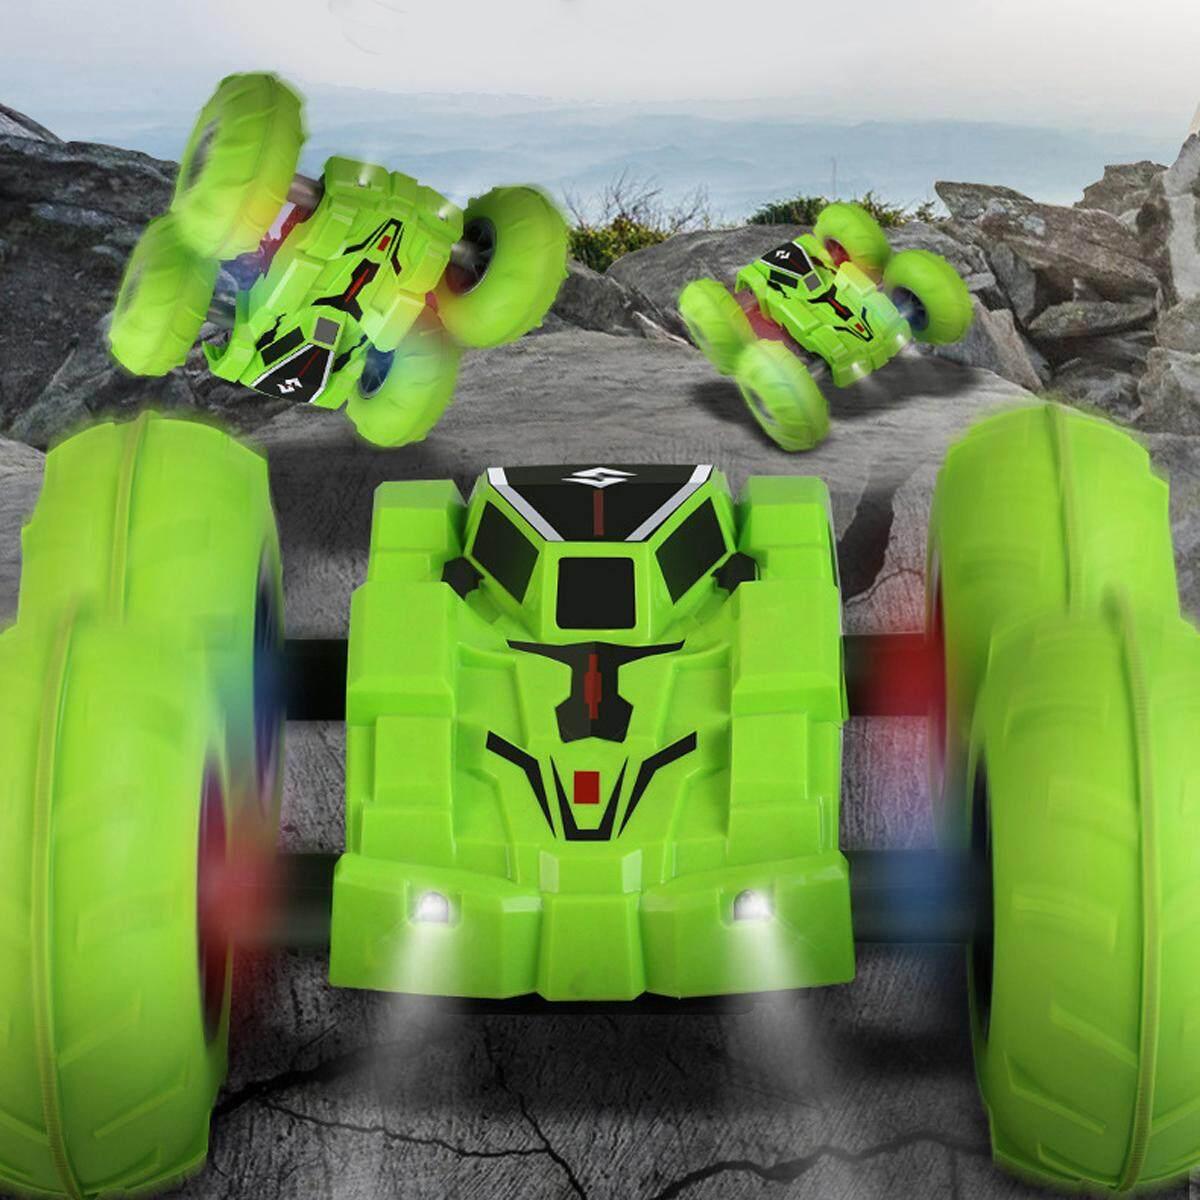 55Km/Jam Pengendali Jarak Jauh RC 360 ° Besar Turbo Stunt Mobil Double Sisi Lampu Efek Mainan